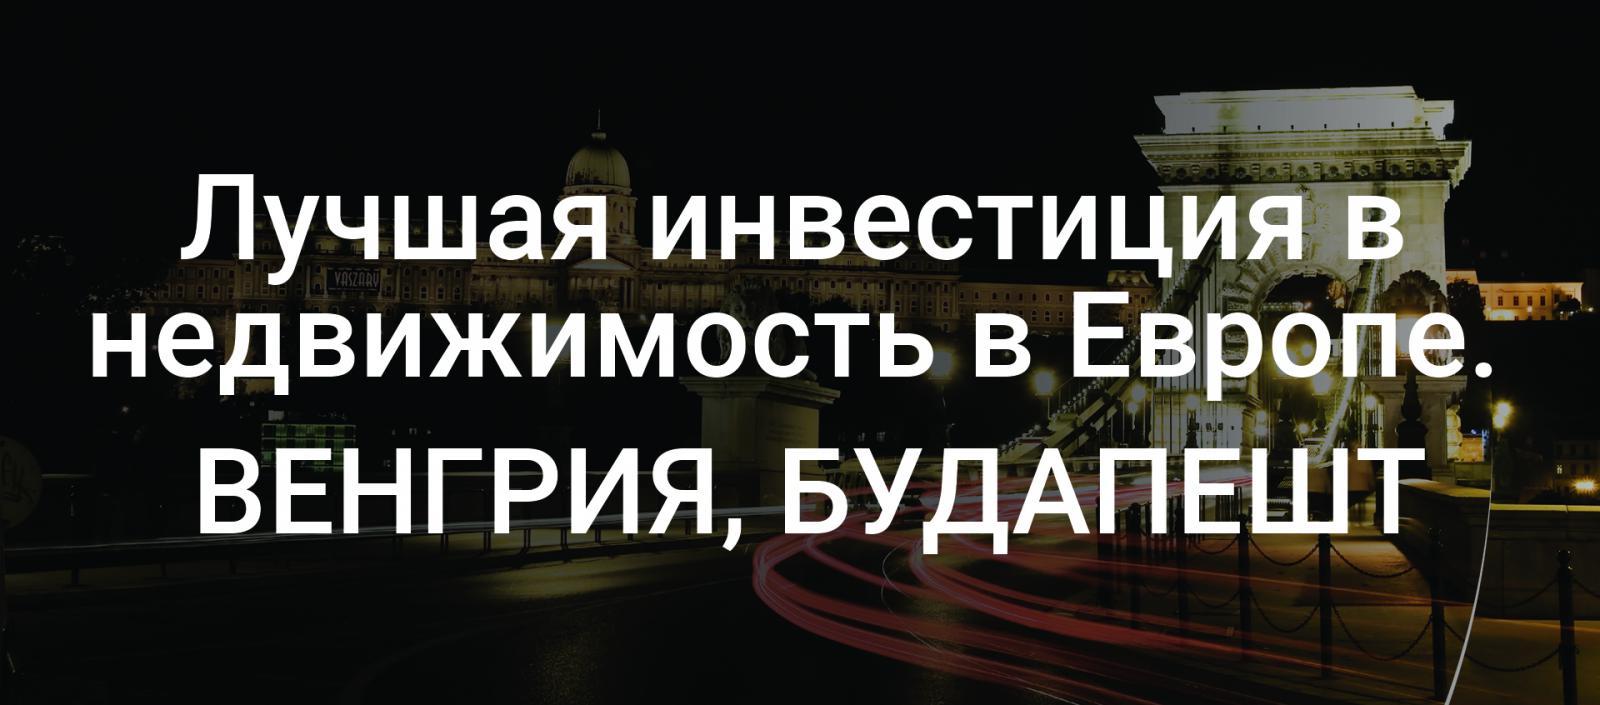 Сайты венгрии недвижимость часы работы метро дубай 2018